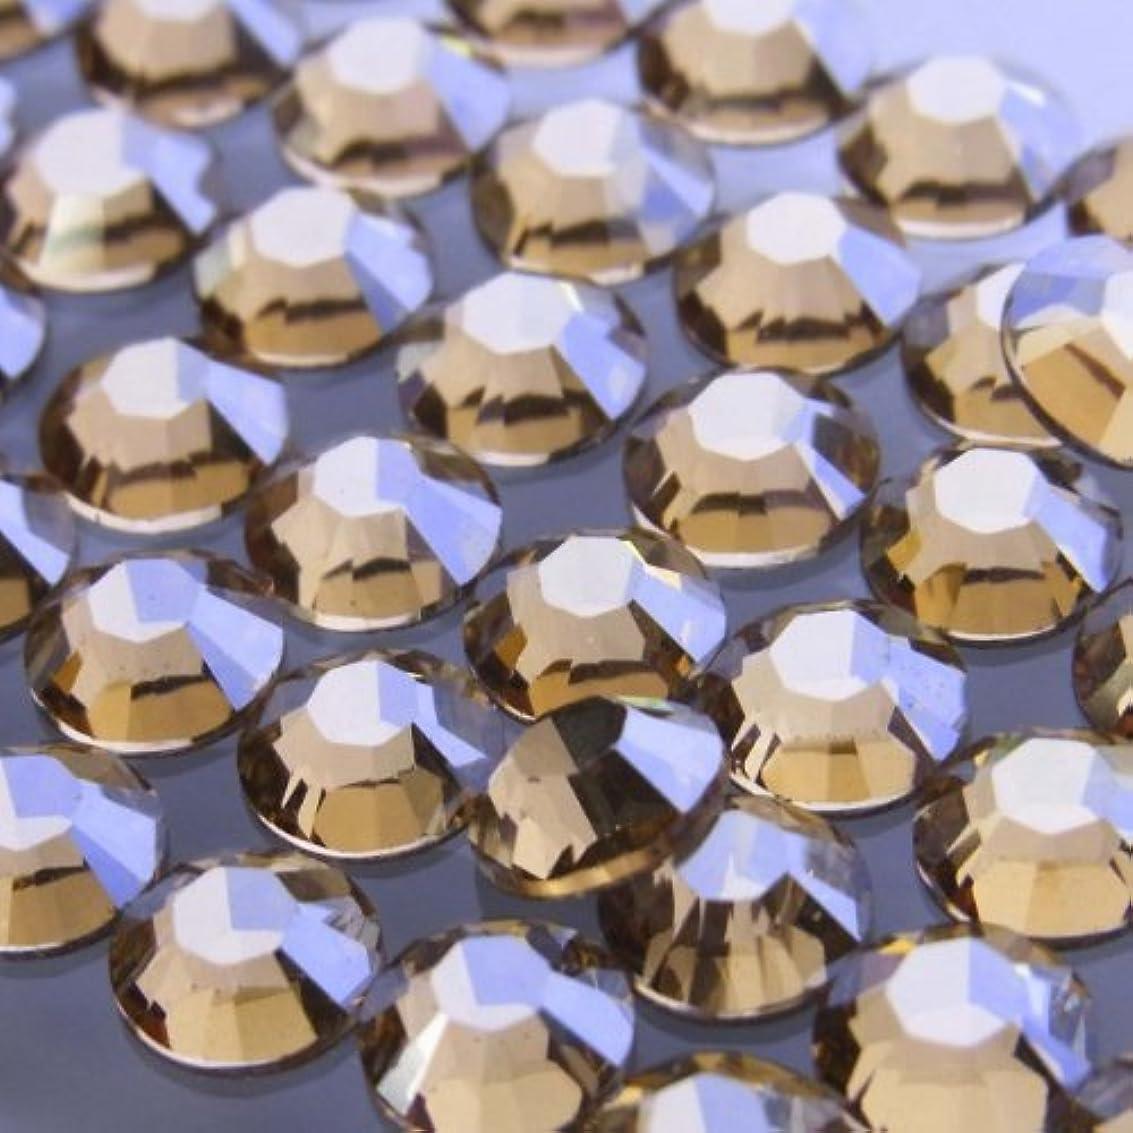 正しく爆発めまい2058クリスタルゴールデンシャドウss7(100粒入り)スワロフスキーラインストーン(nohotfix)